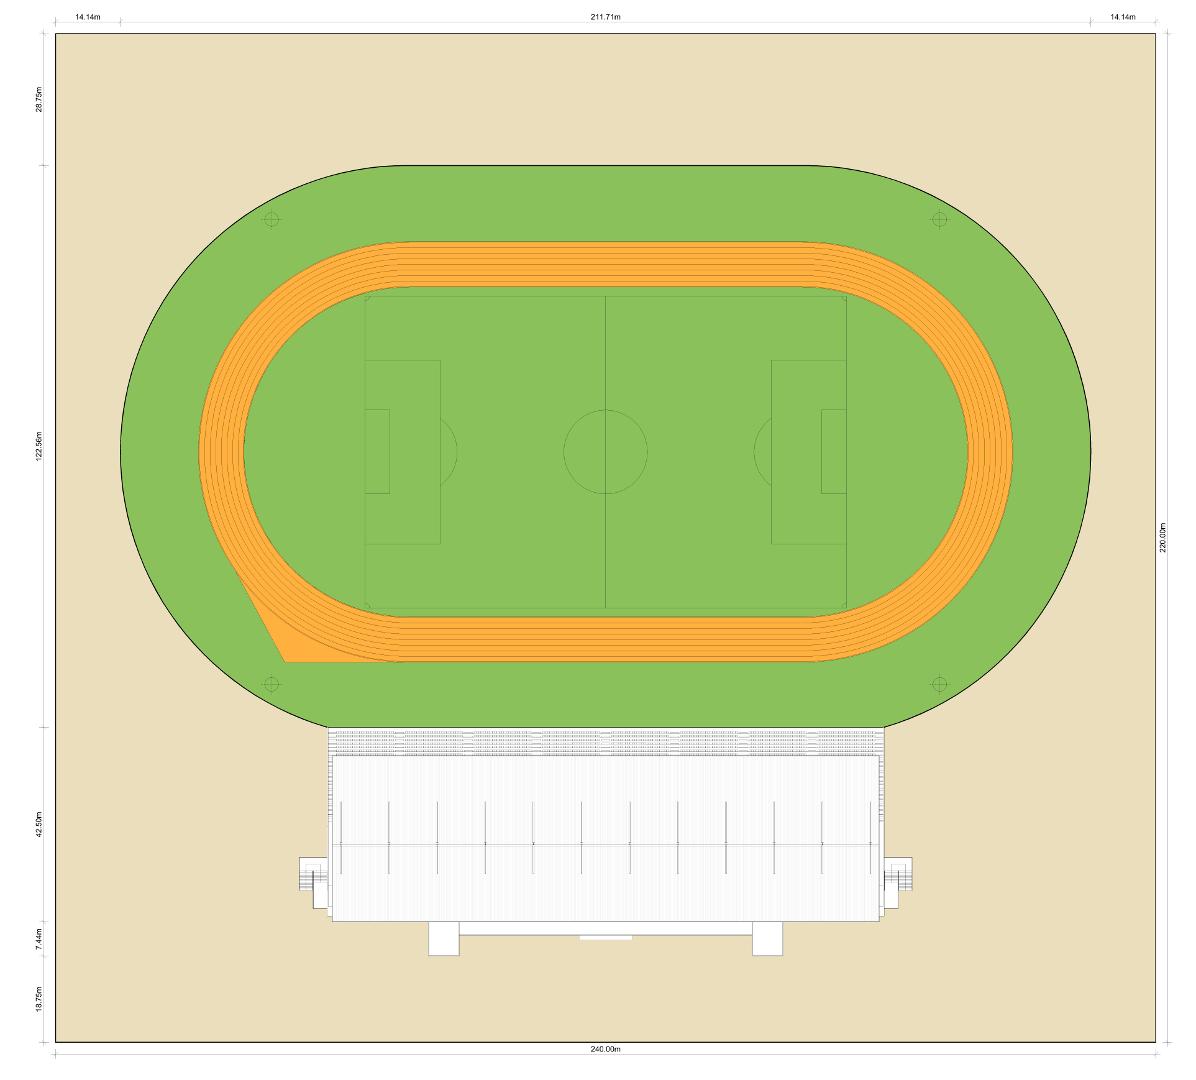 Implantação - Estádio Citius